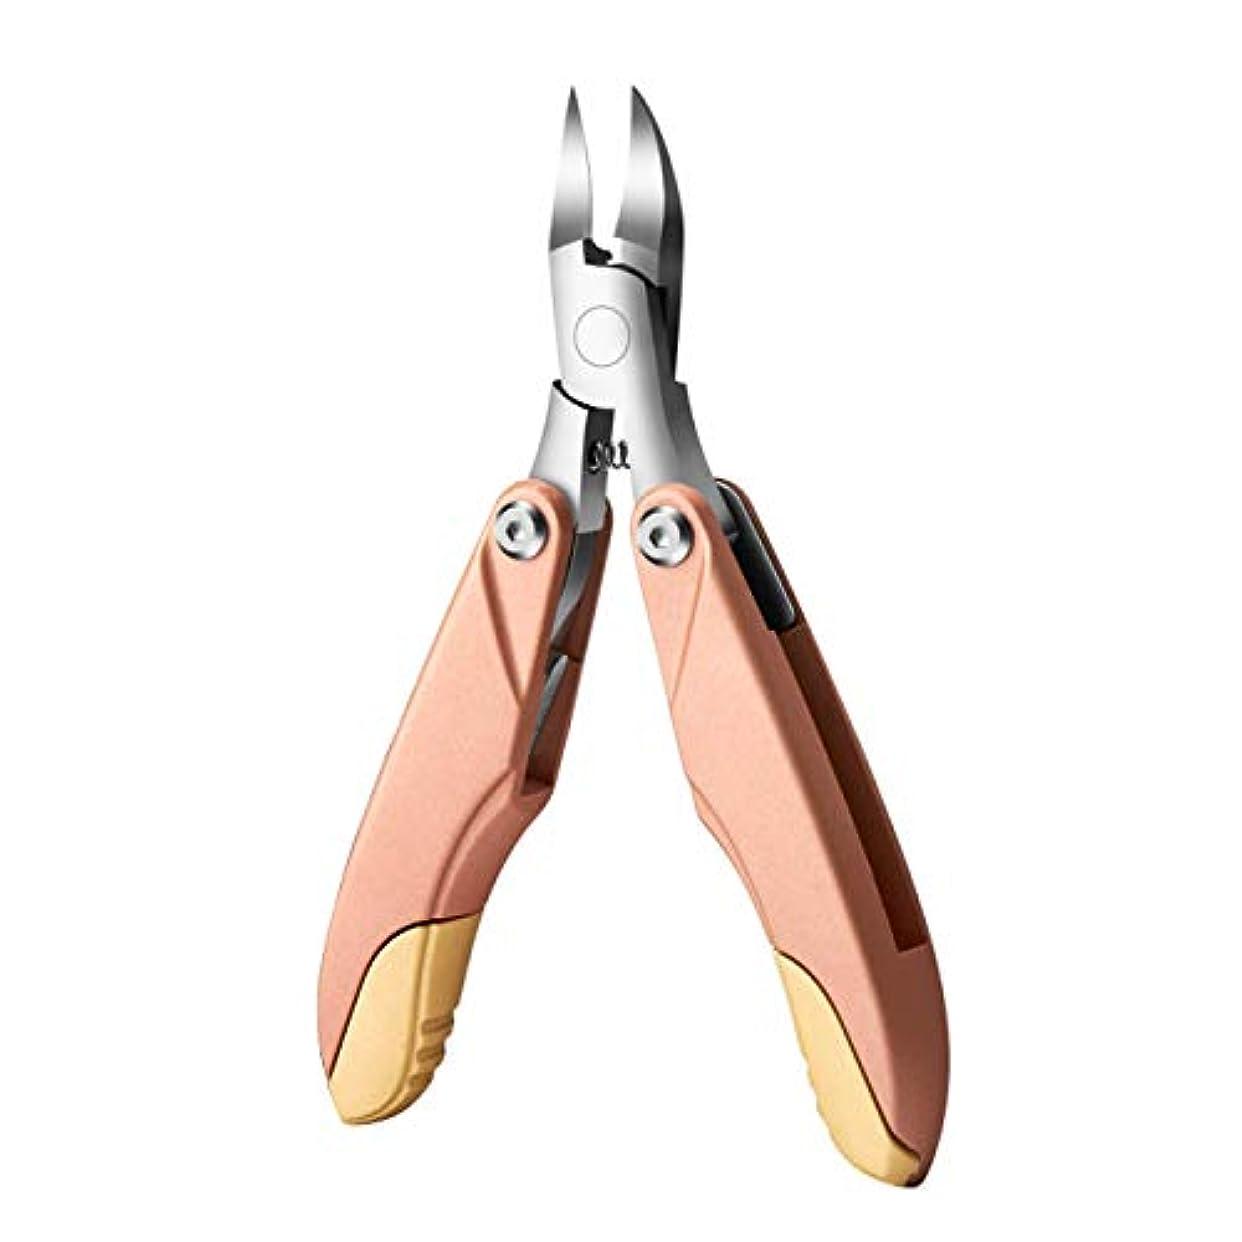 タウポ湖憂鬱なクリープ爪切り ニッパー型 厚い爪、巻き爪、変形爪、陥入爪、甘皮、硬い爪 、深爪 、爪周炎 、爪白癬適しています 高度な折り畳み爪切り